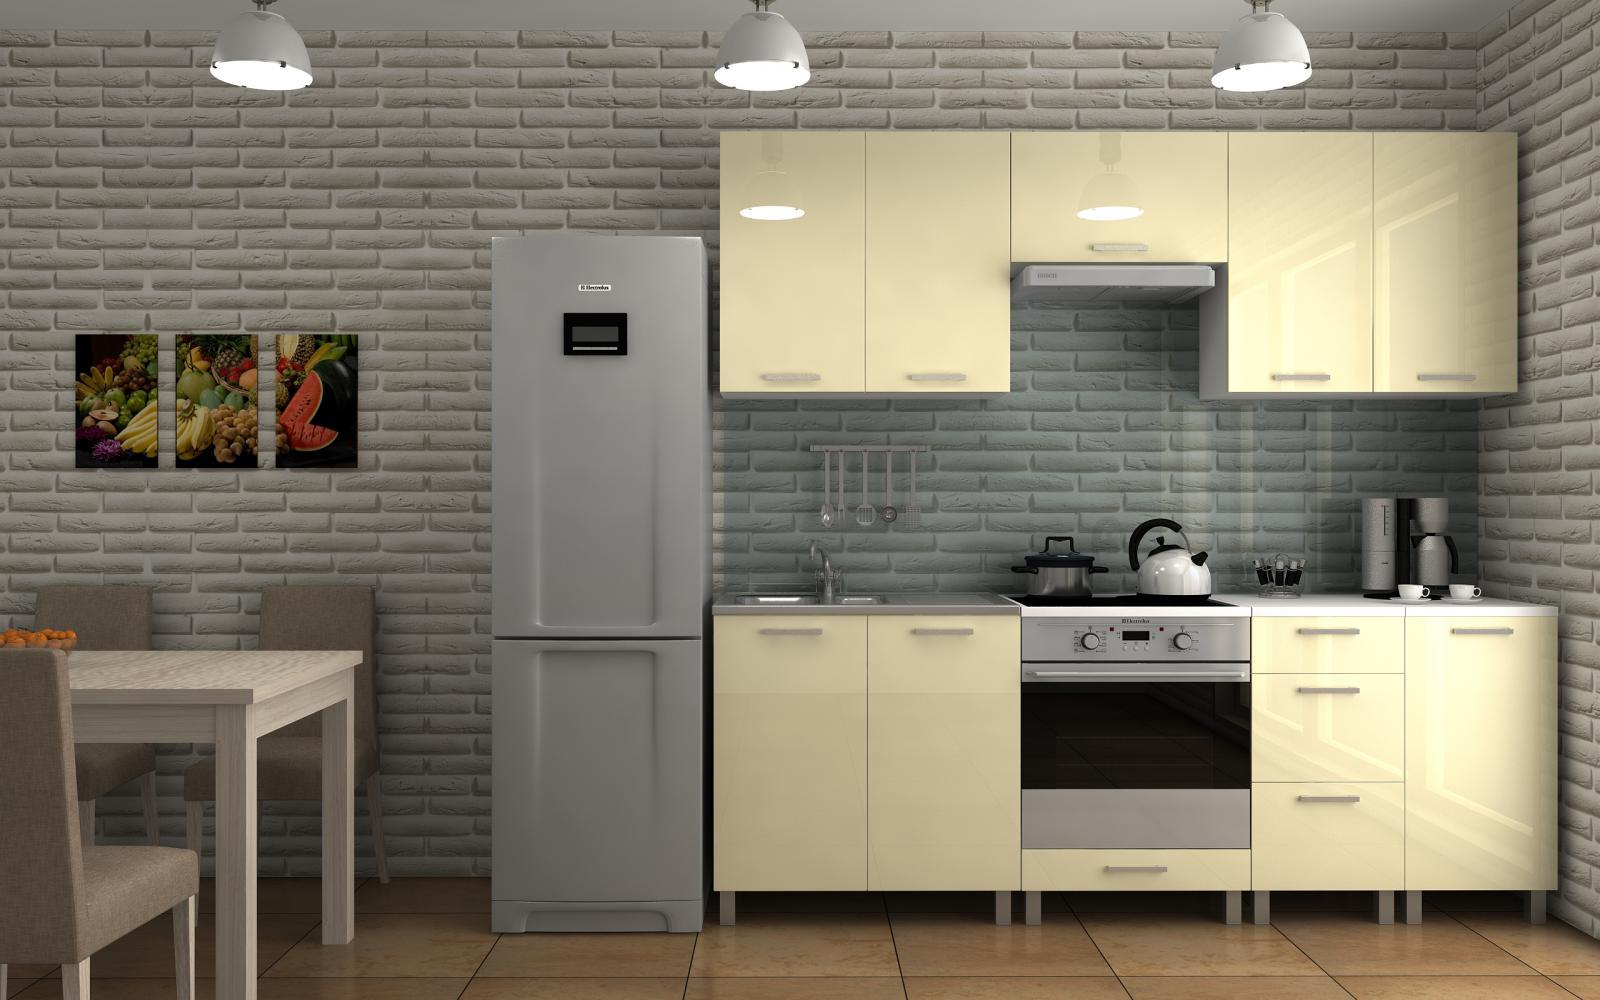 Kuchyňská linka Dalliance RLG 220 vanilka lesk